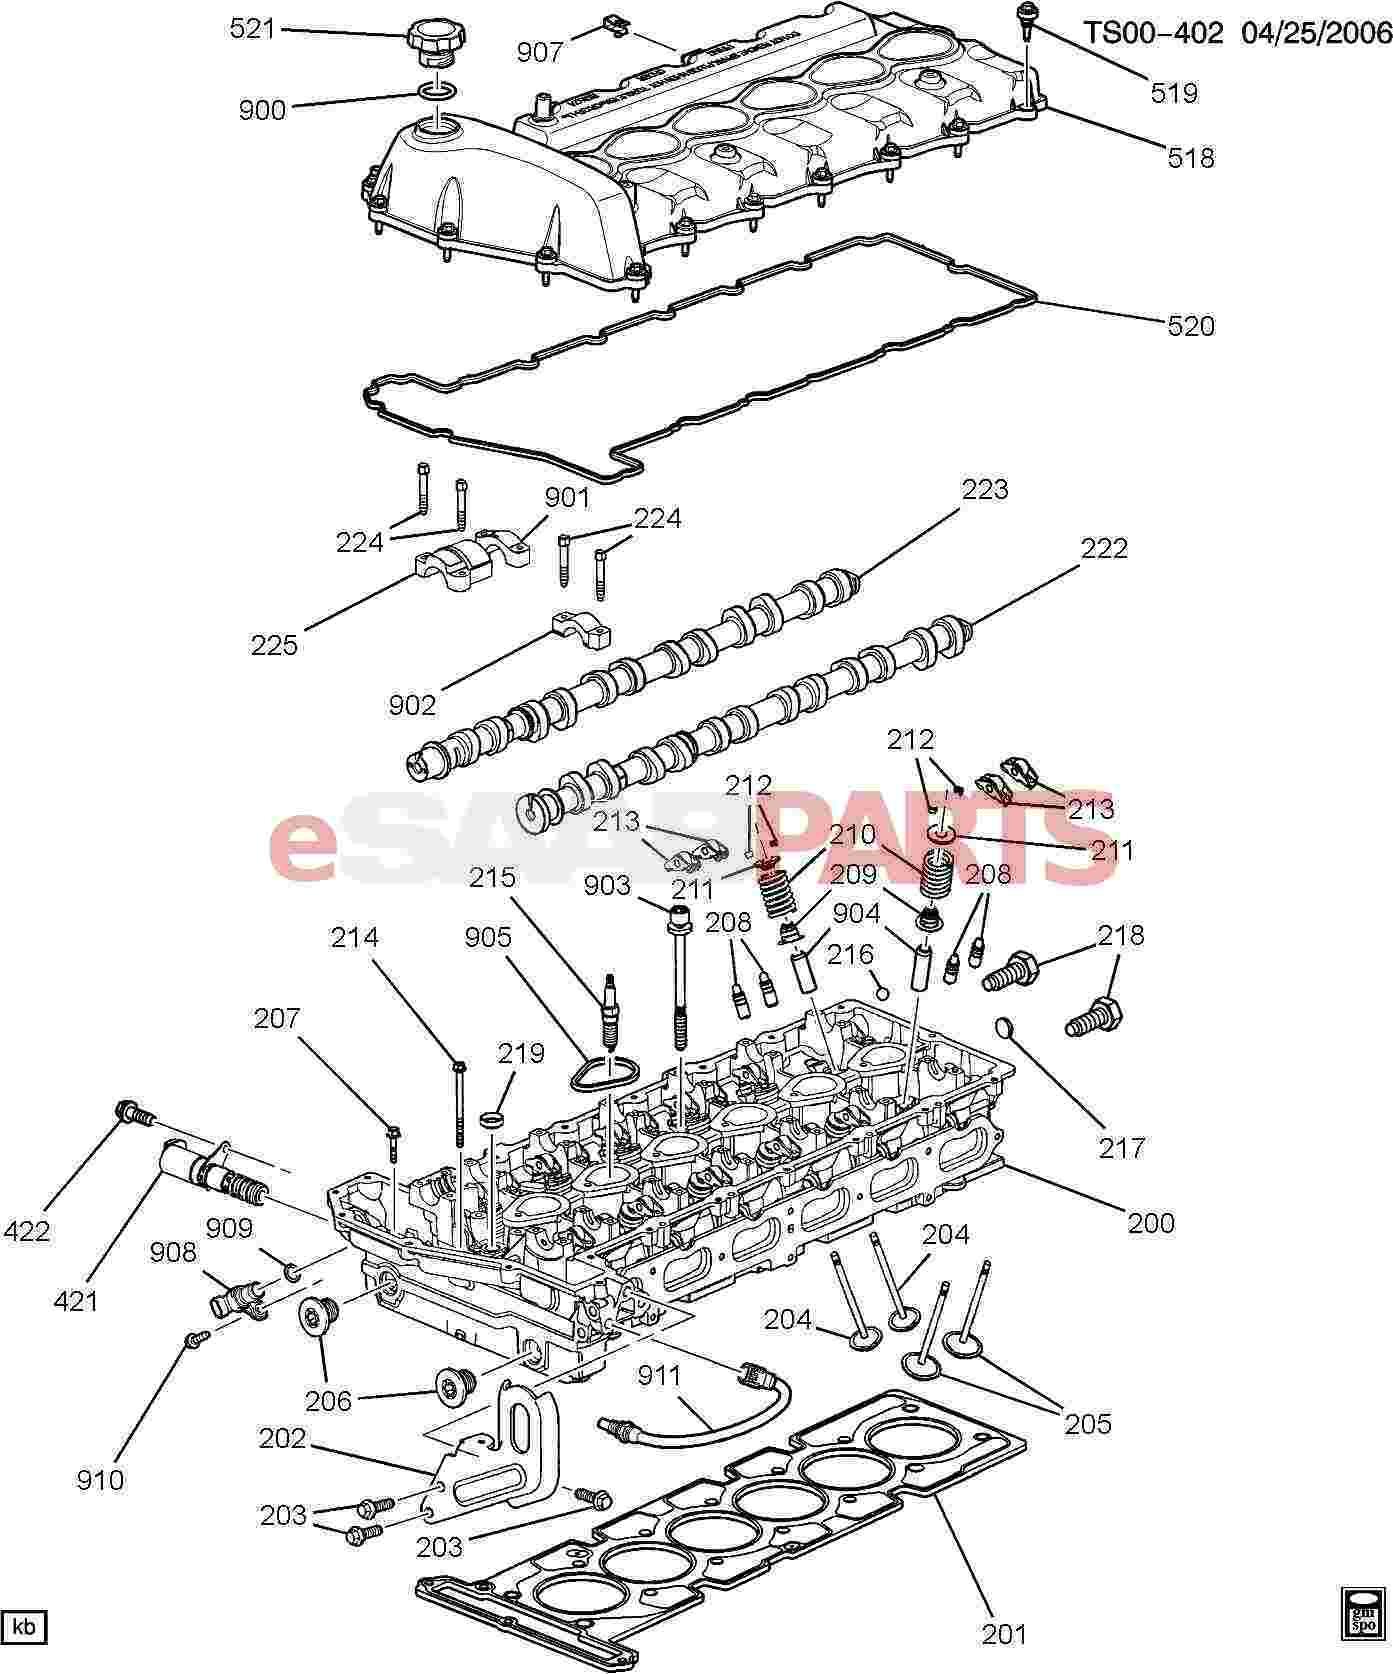 [ZM_9845] 2008 Equinox 3 4 Engine Diagram Schematic Wiring